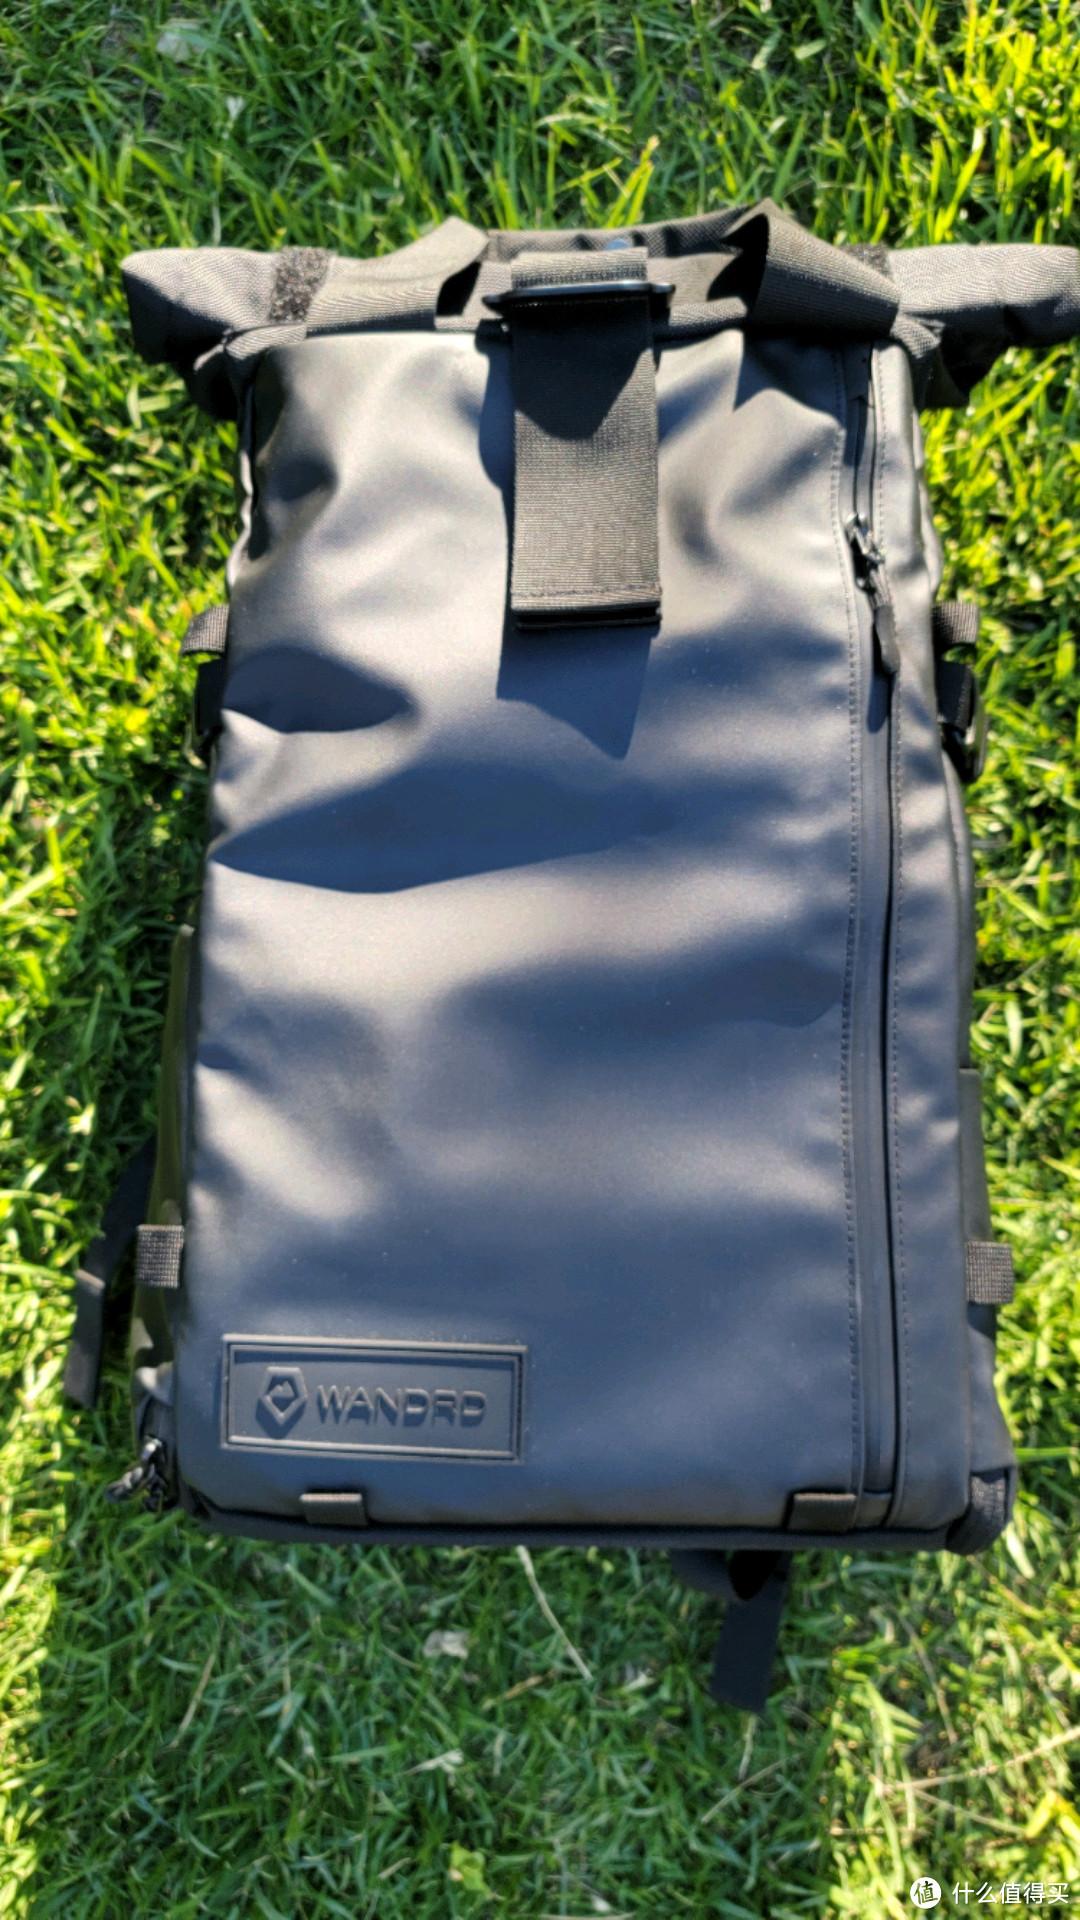 都说包治百病之理工男最爱顶级摄影背包wandrd prvke31L开箱